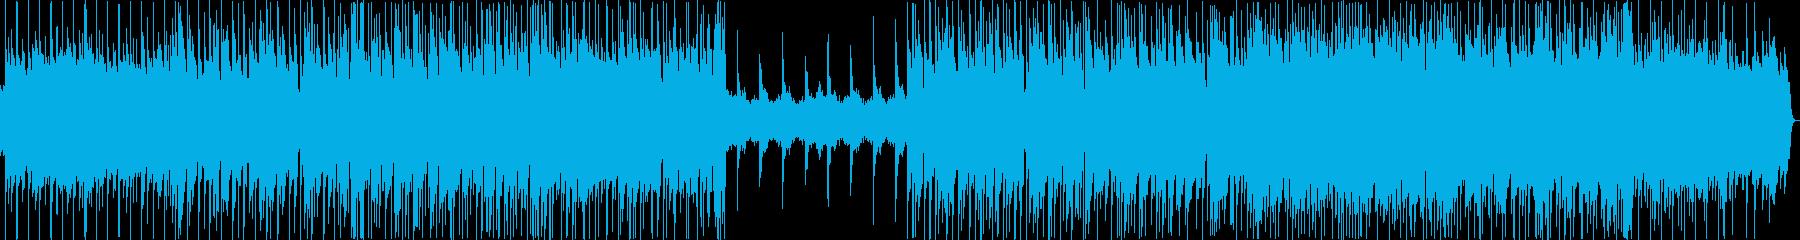 フレッシュなイメージですの再生済みの波形